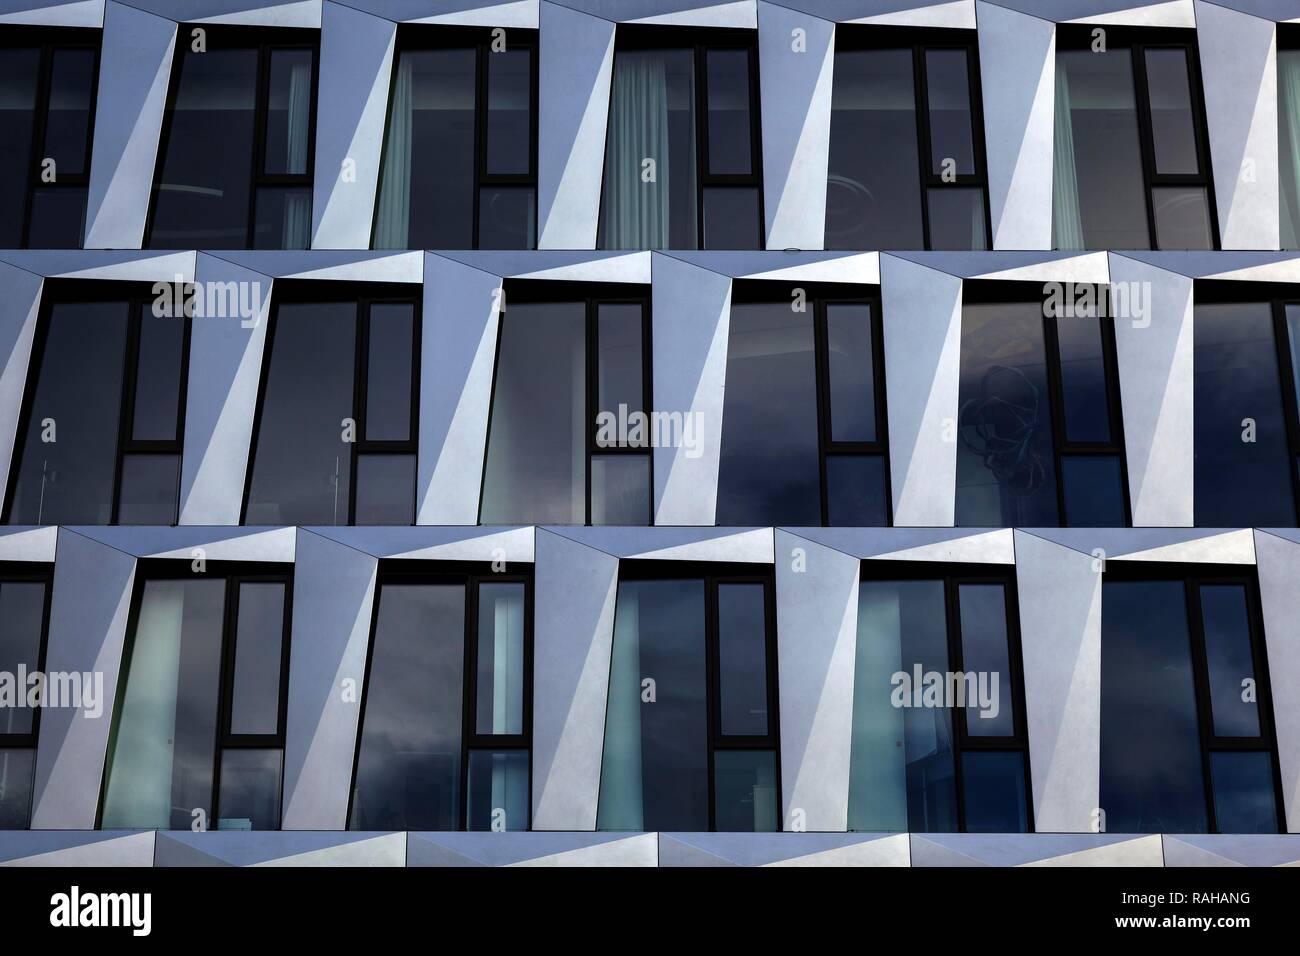 L'architecture, façade de maison, Quartier, DOQU Dorotheen, ARCHITECTE BEHNISCH, Stuttgart, Bade-Wurtemberg, Allemagne Banque D'Images